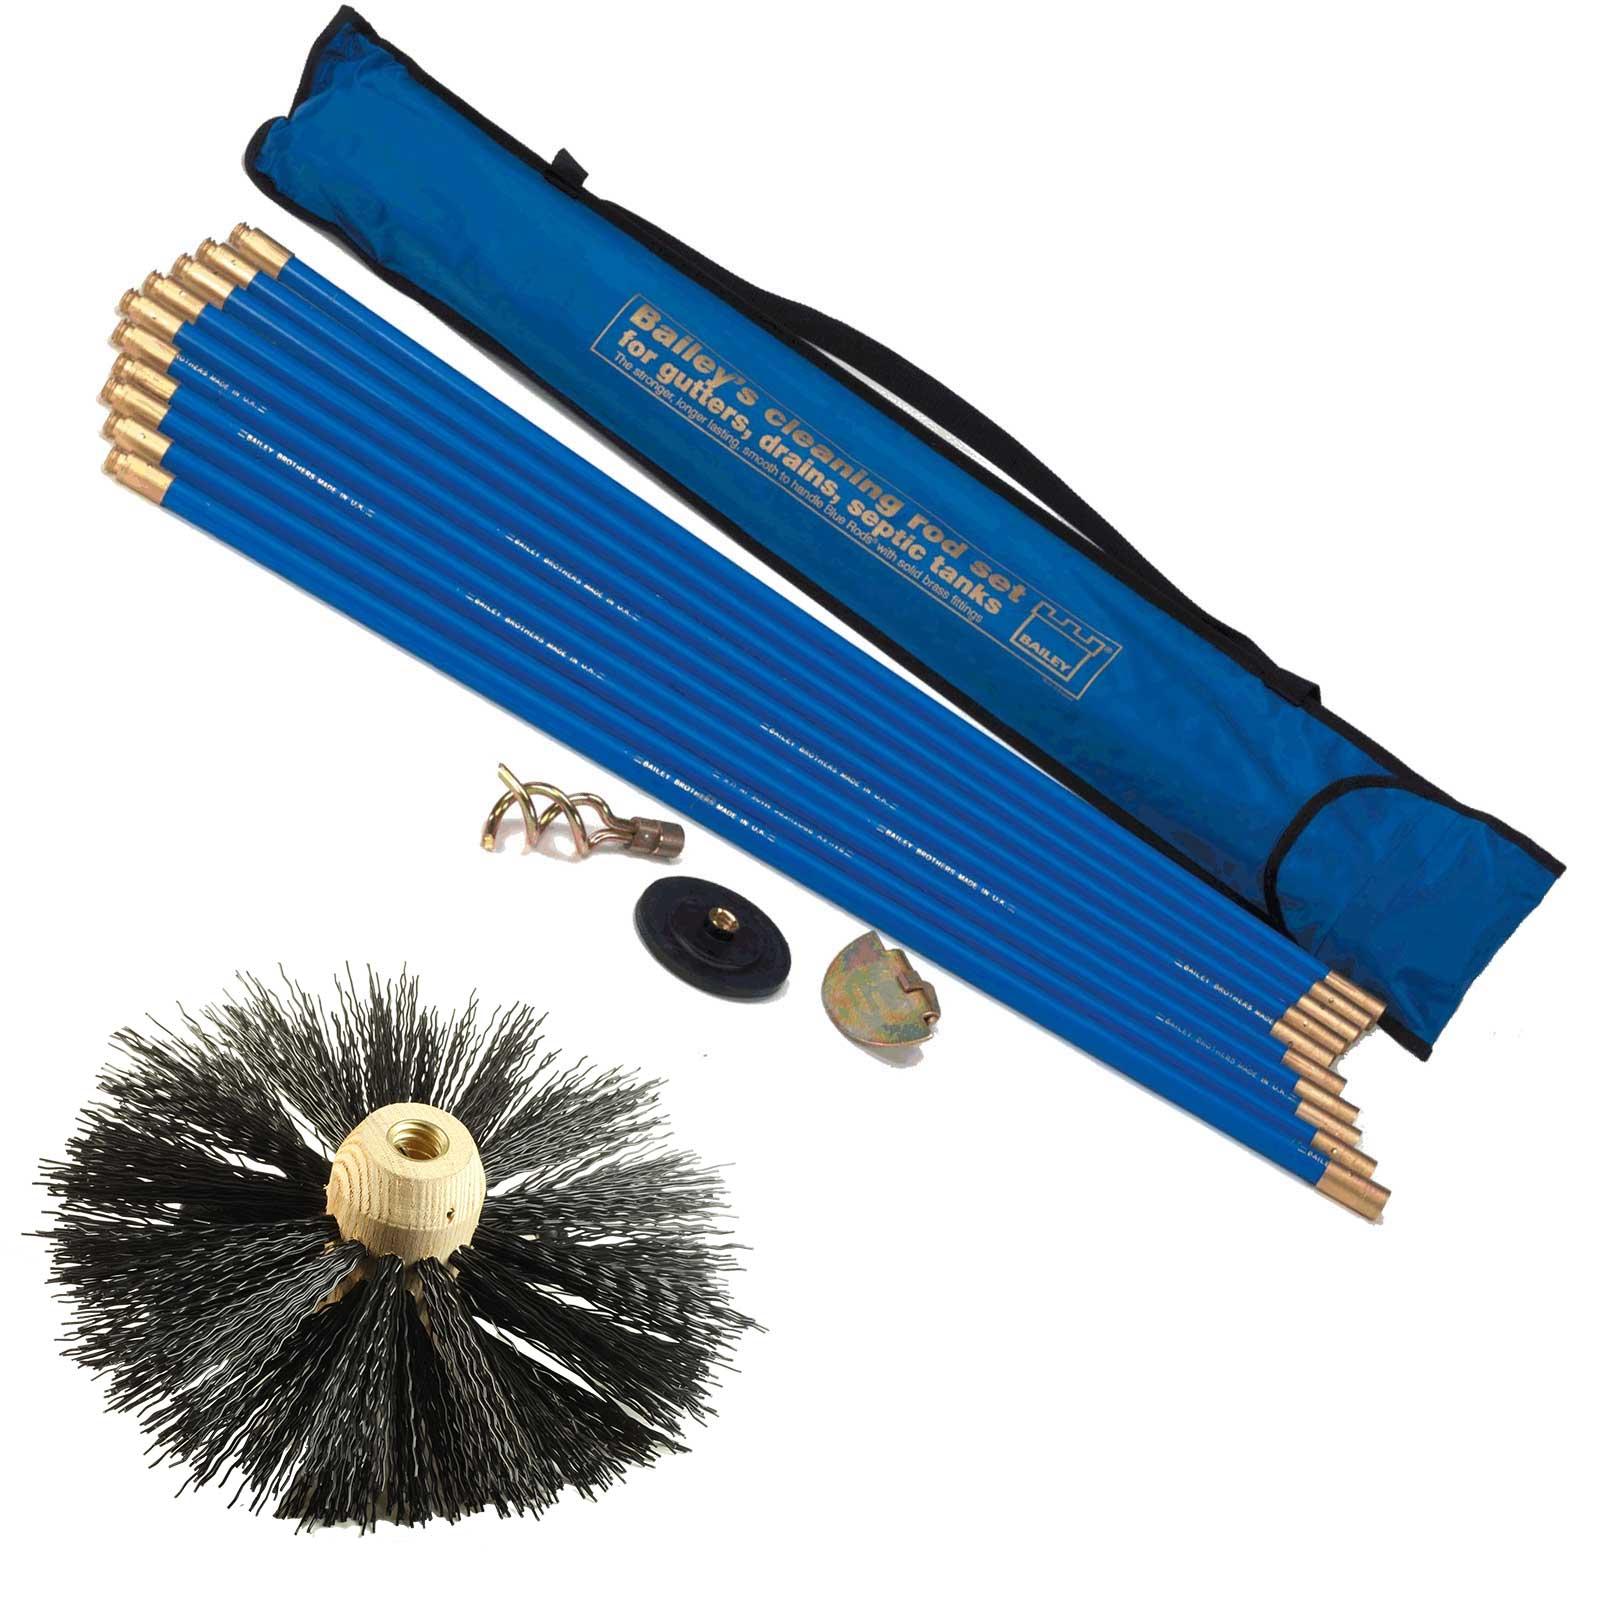 Chimney Flue Brush Set